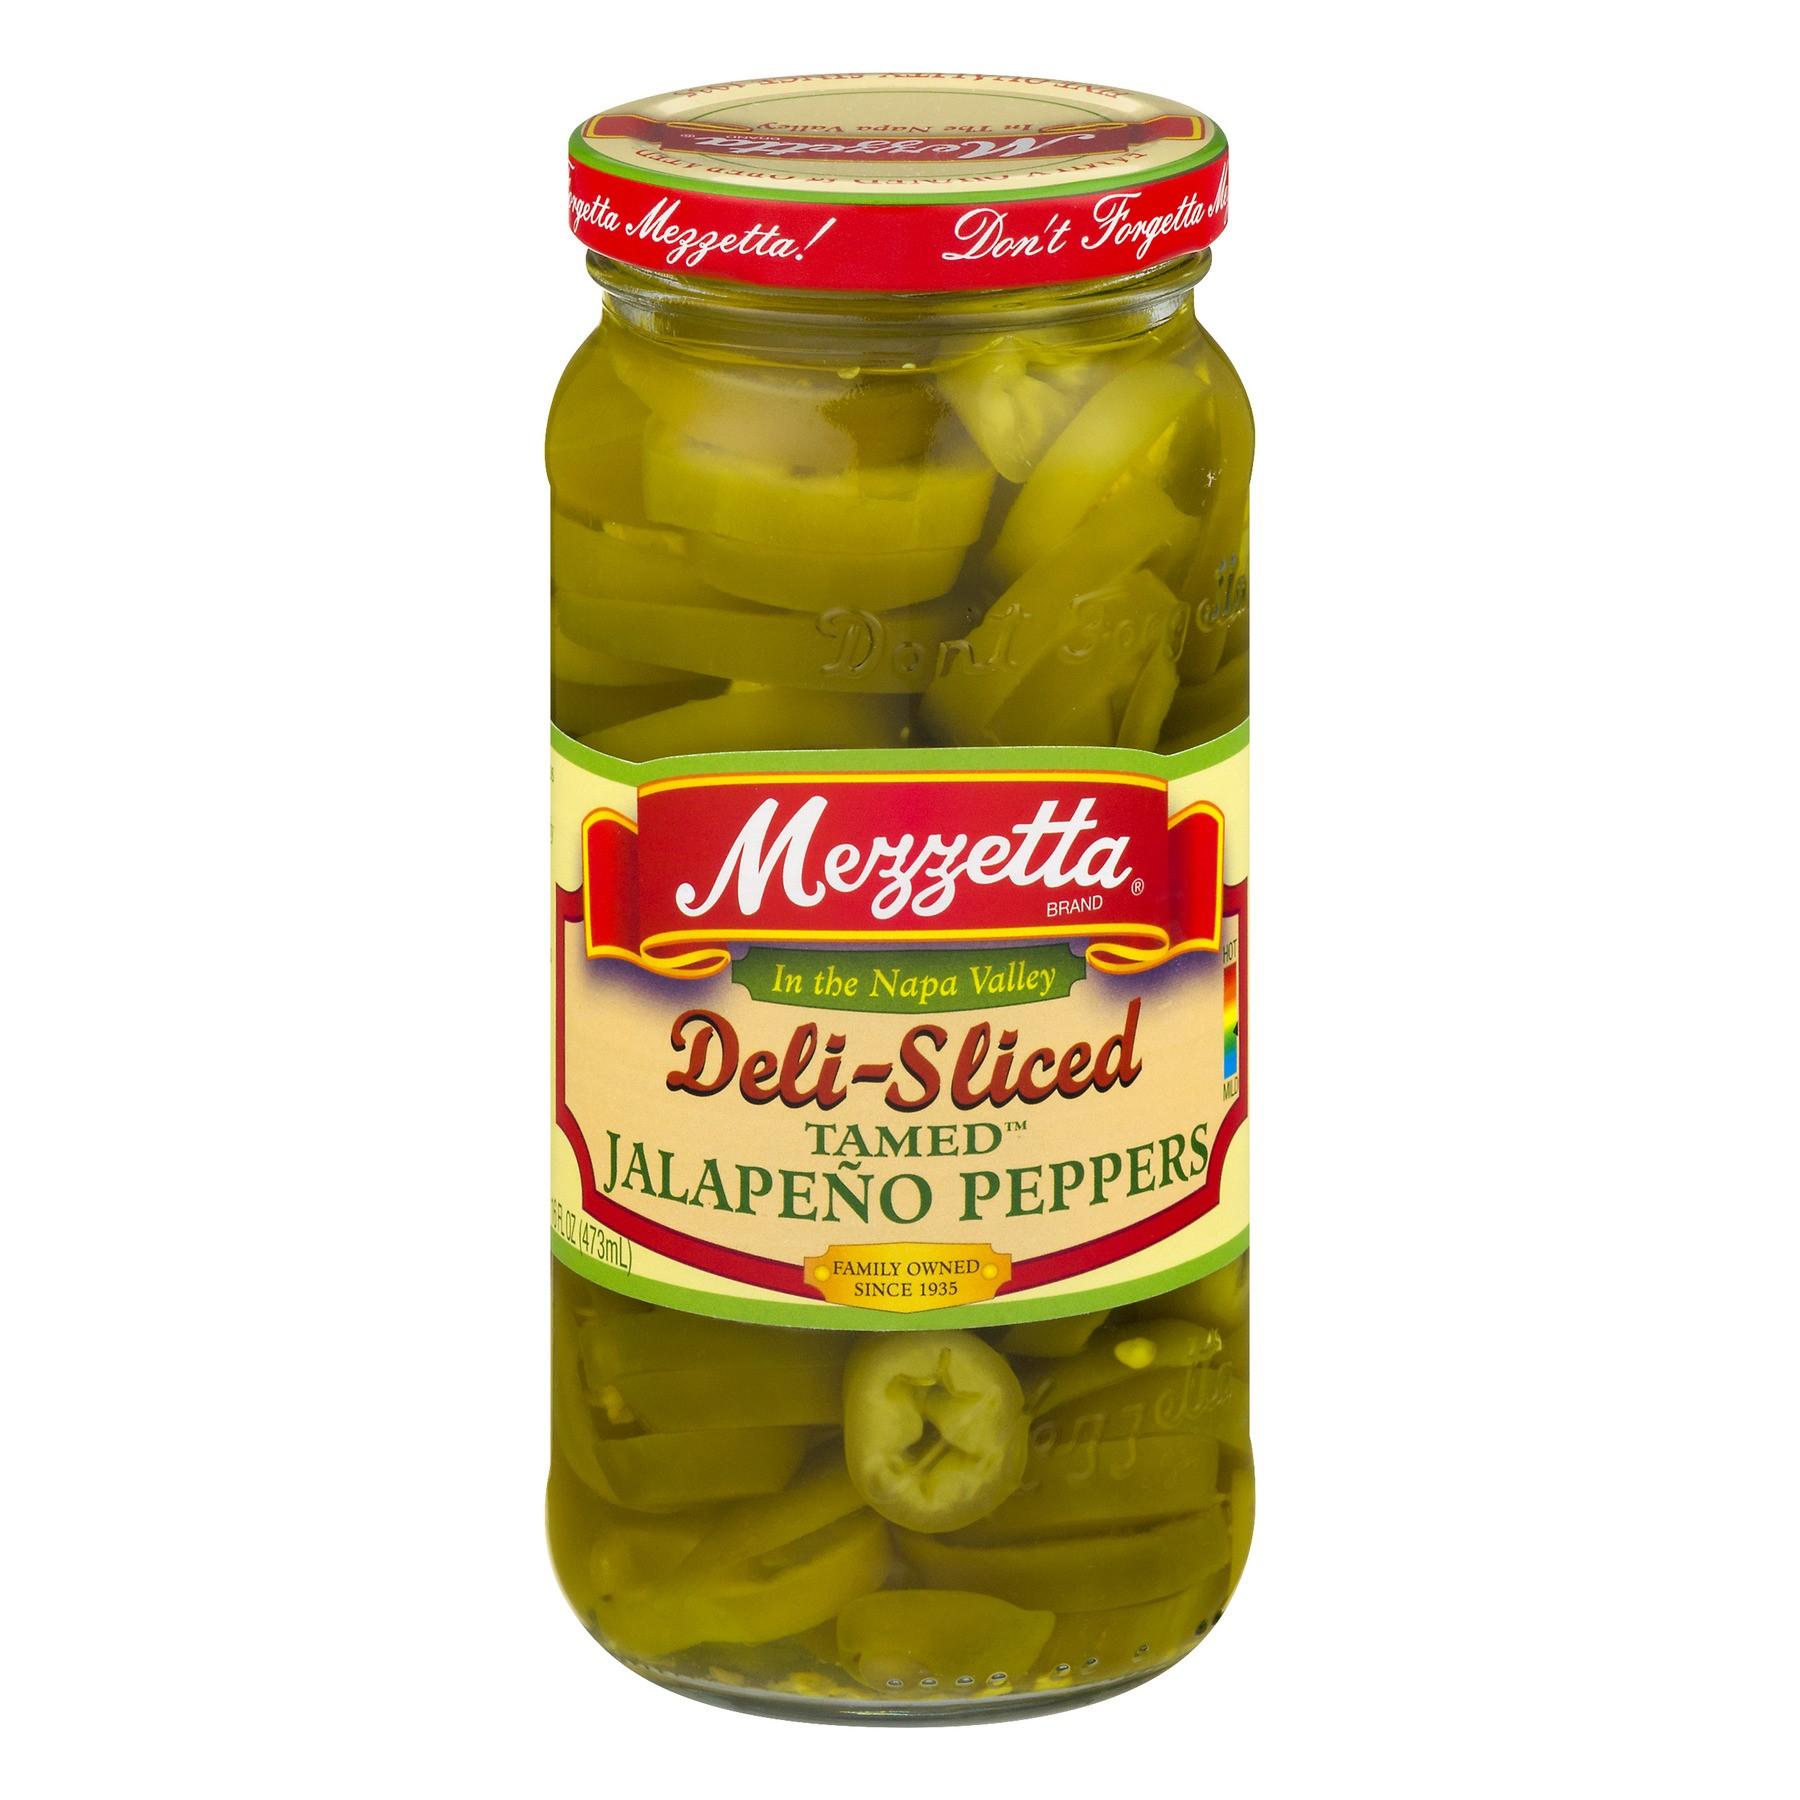 (6 Pack) Mezzetta Deli-Sliced Tamed Jalapeño Peppers, 16 Oz